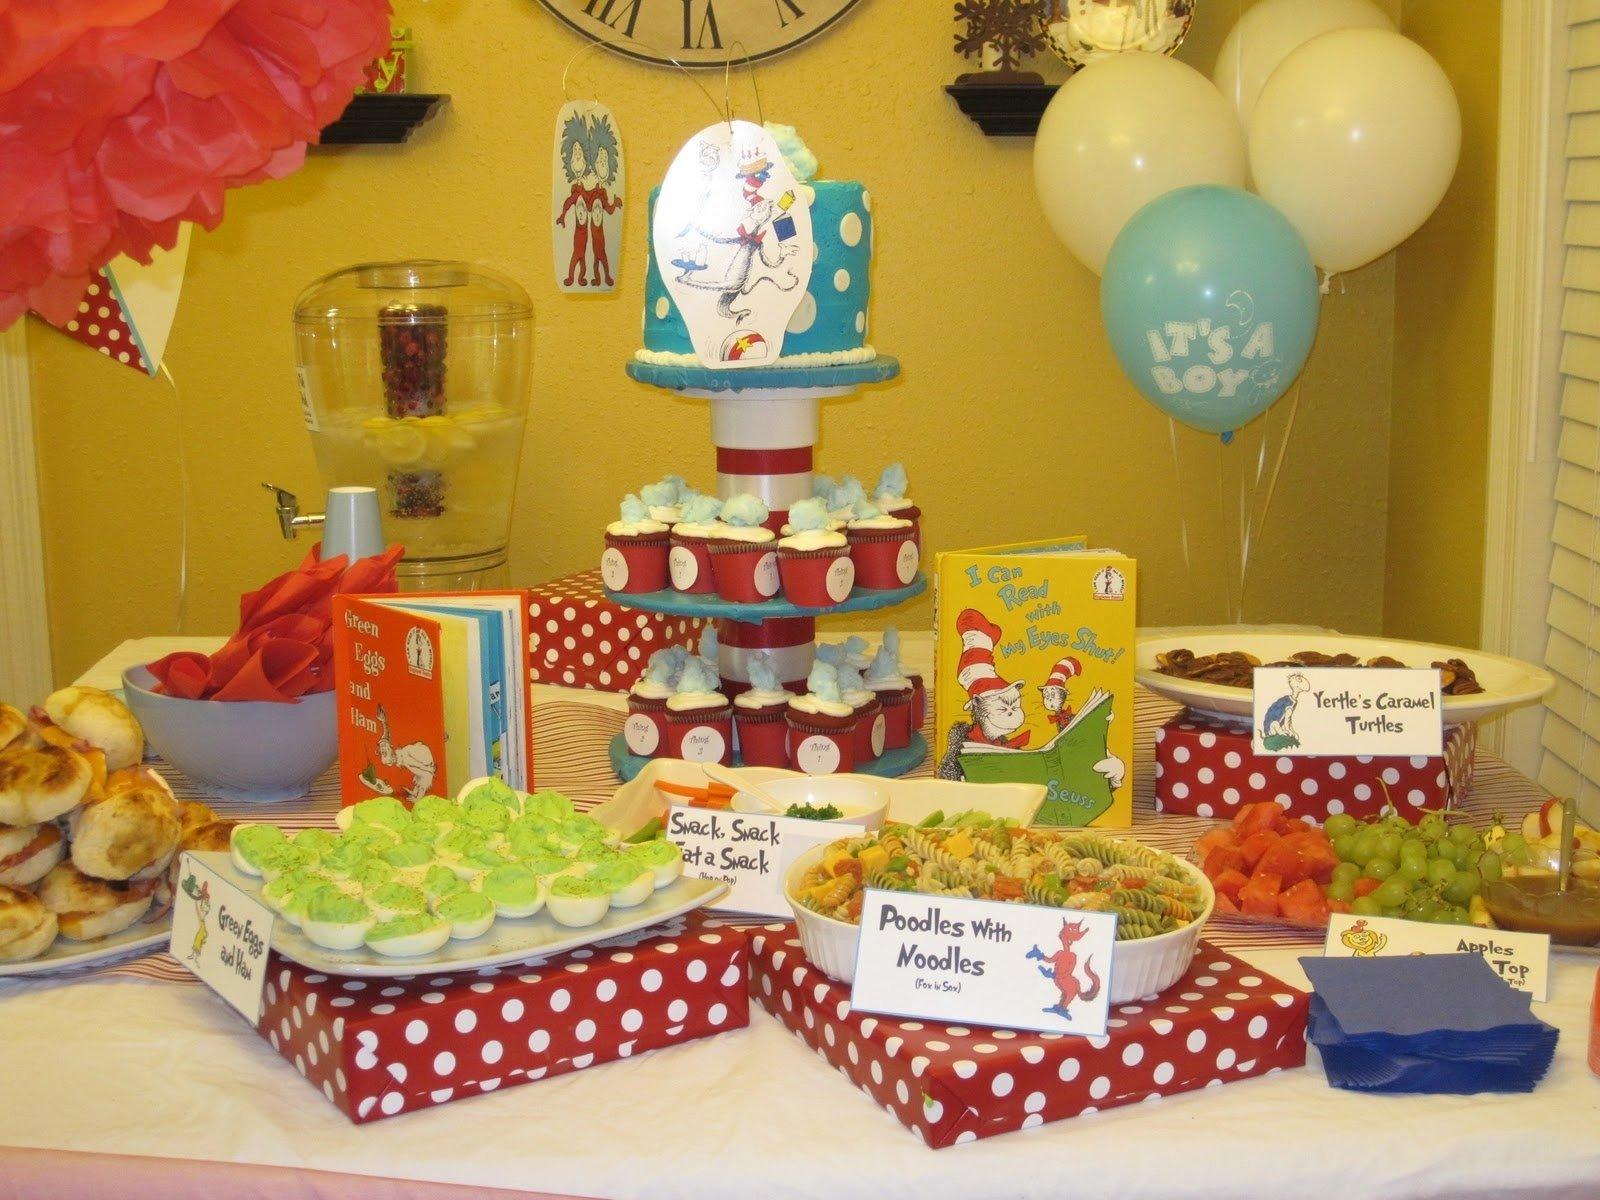 10 Unique Dr Seuss Baby Shower Food Ideas baby shower food ideas dr seuss baby shower food ideas 2020